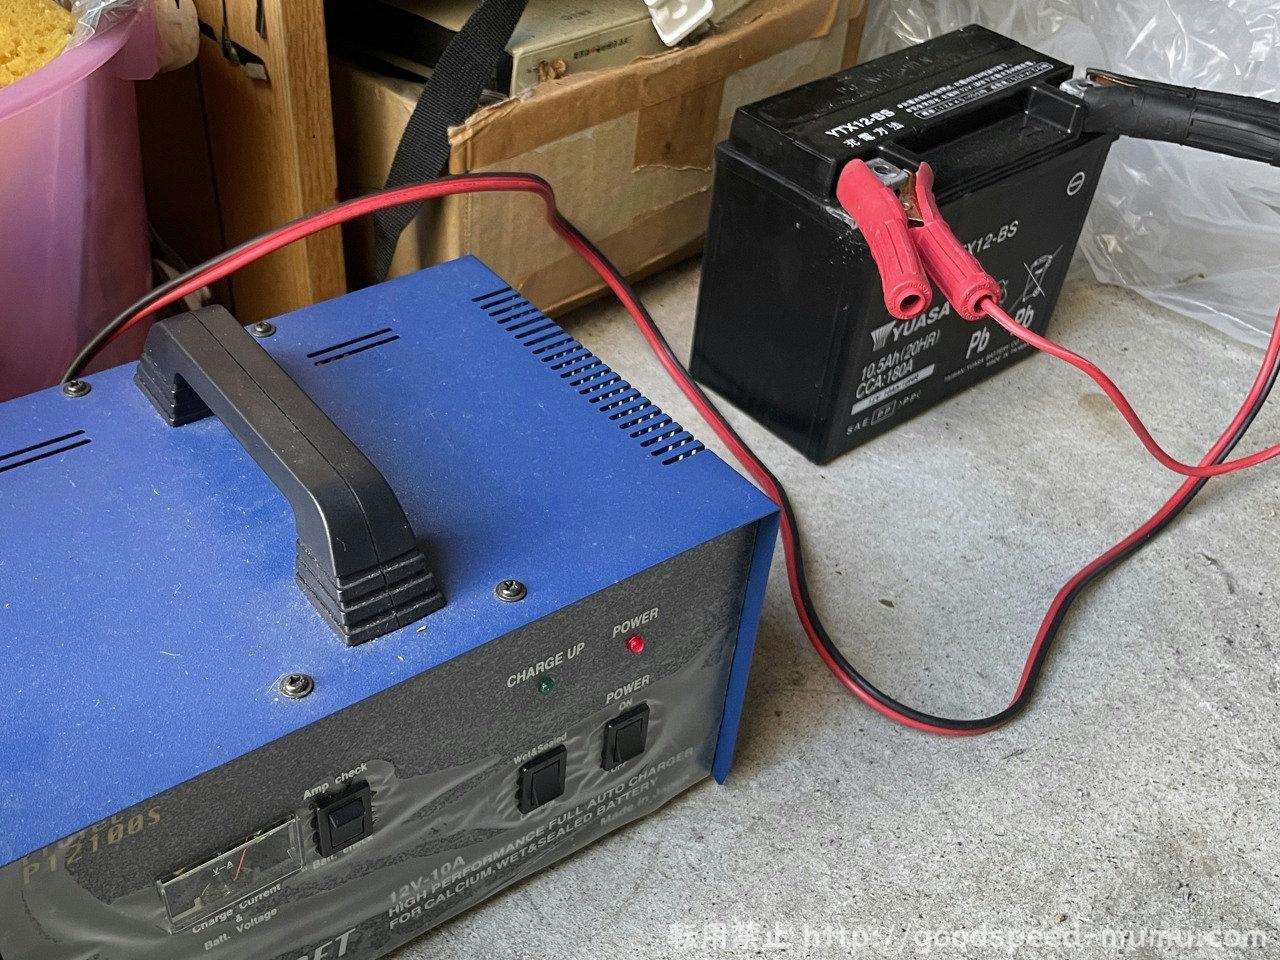 ベスパLX125 自賠責保険切れとバッテリー上がり バッテリーは充電しても弱かったから交換したけど意外に高価だった